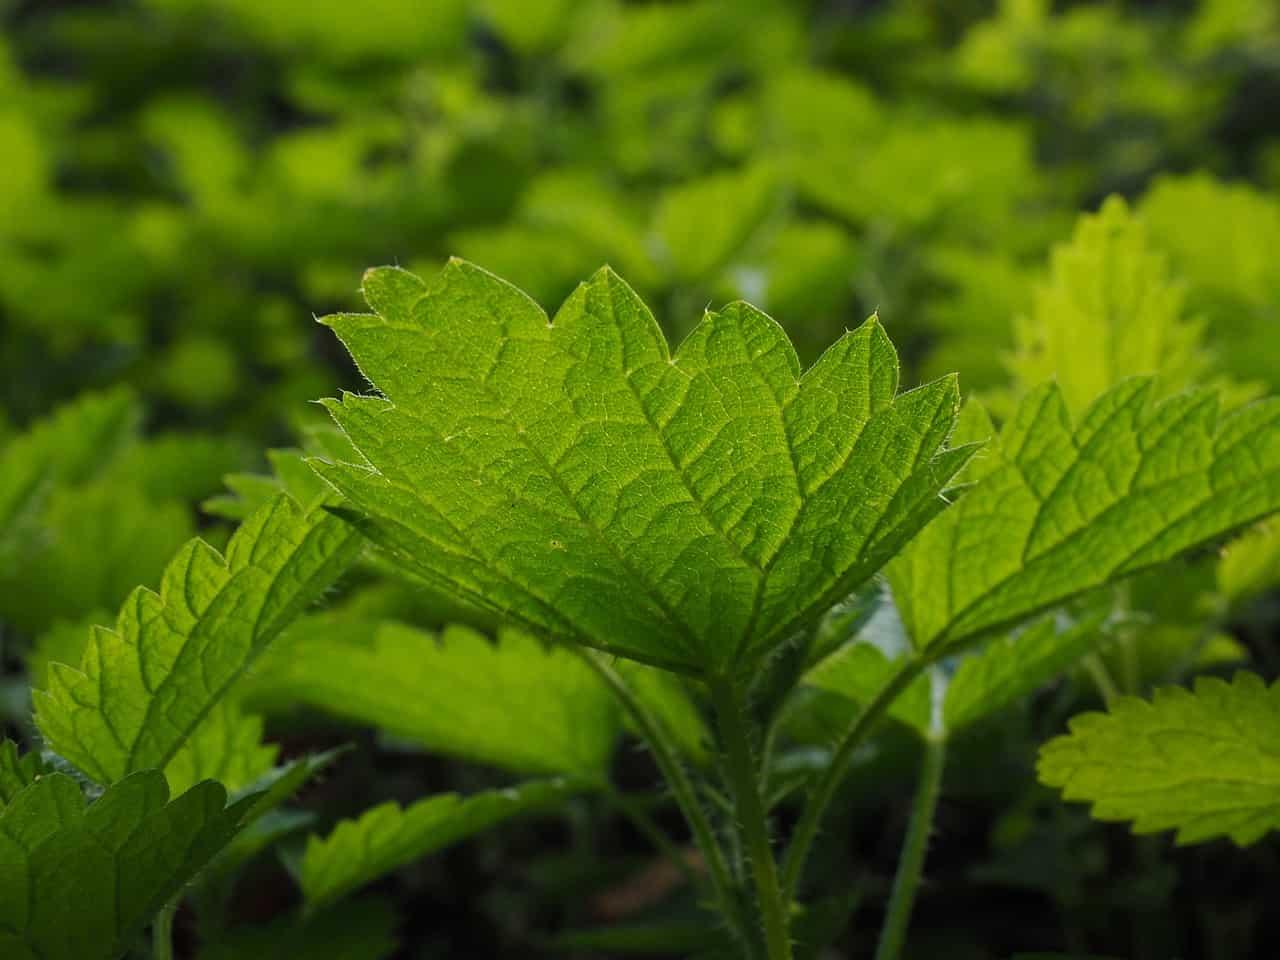 Plus de plantes ont des propri t s m dicinales d 39 apr s un rapport britannique - Liste des plantes medicinales ...